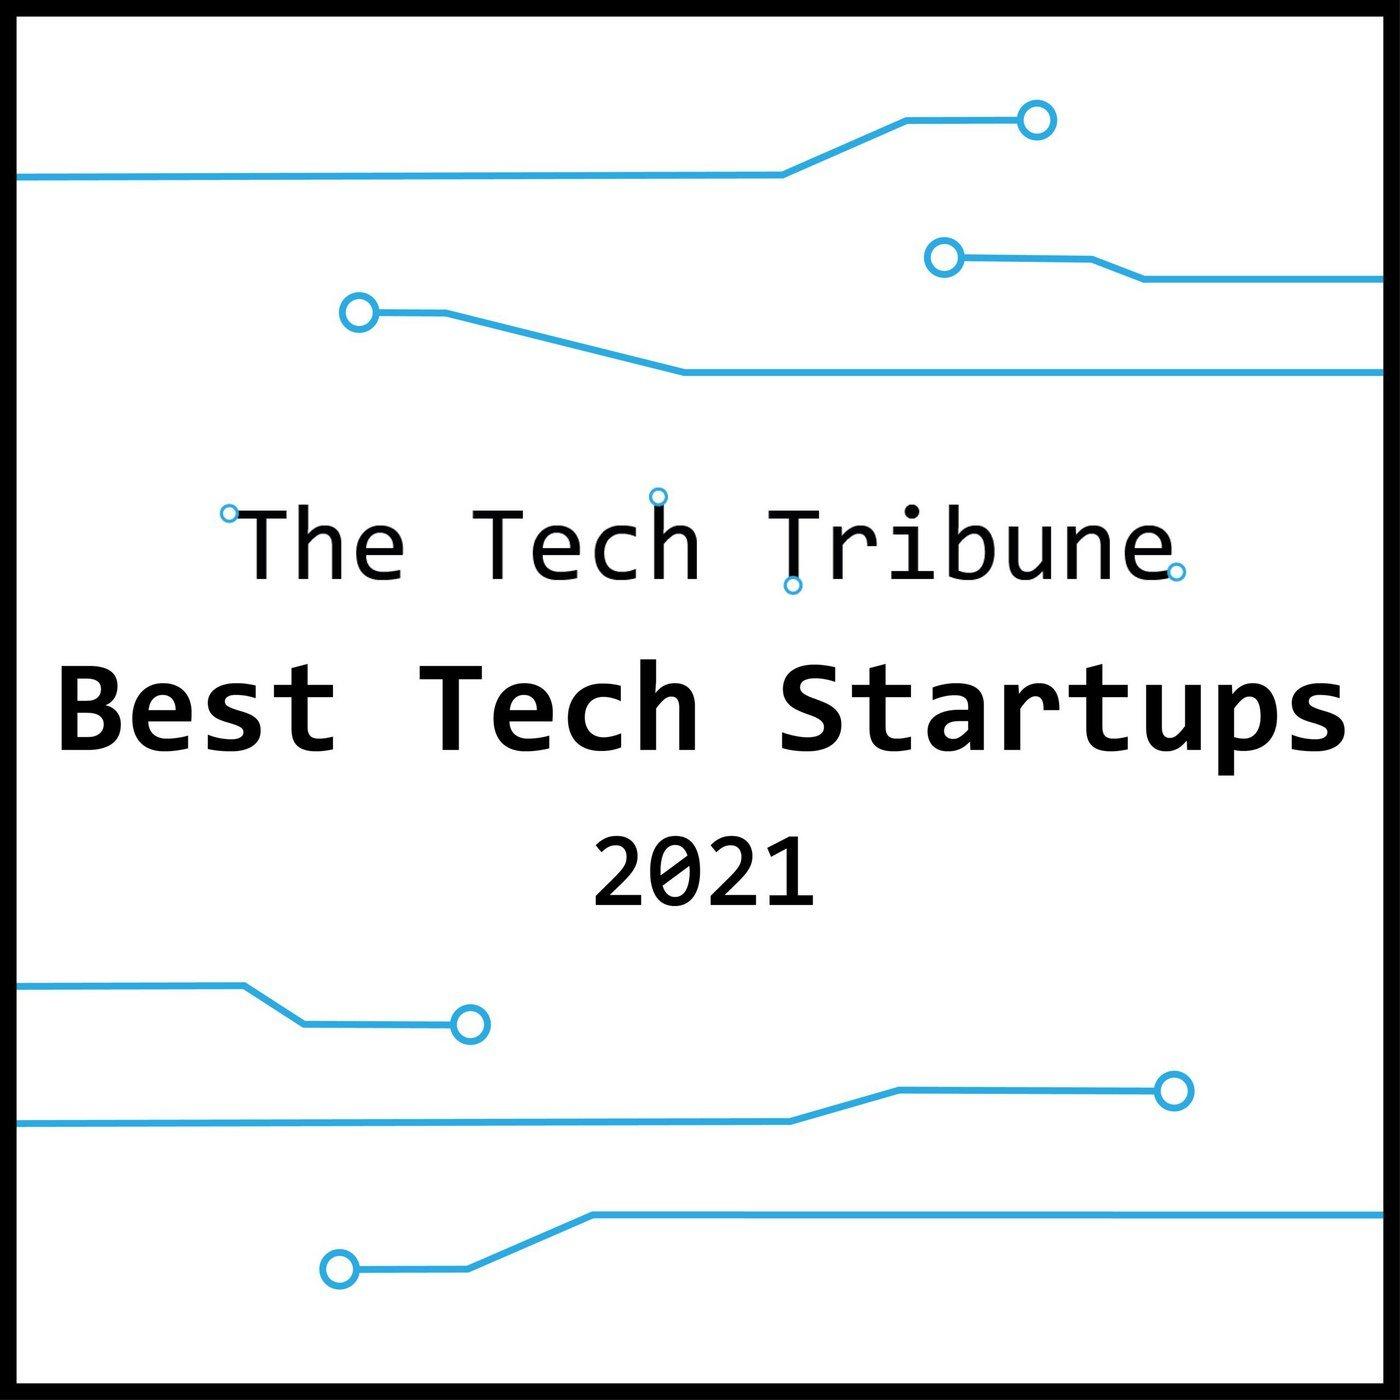 Tech Tribune Best Tech Startup Award 2021